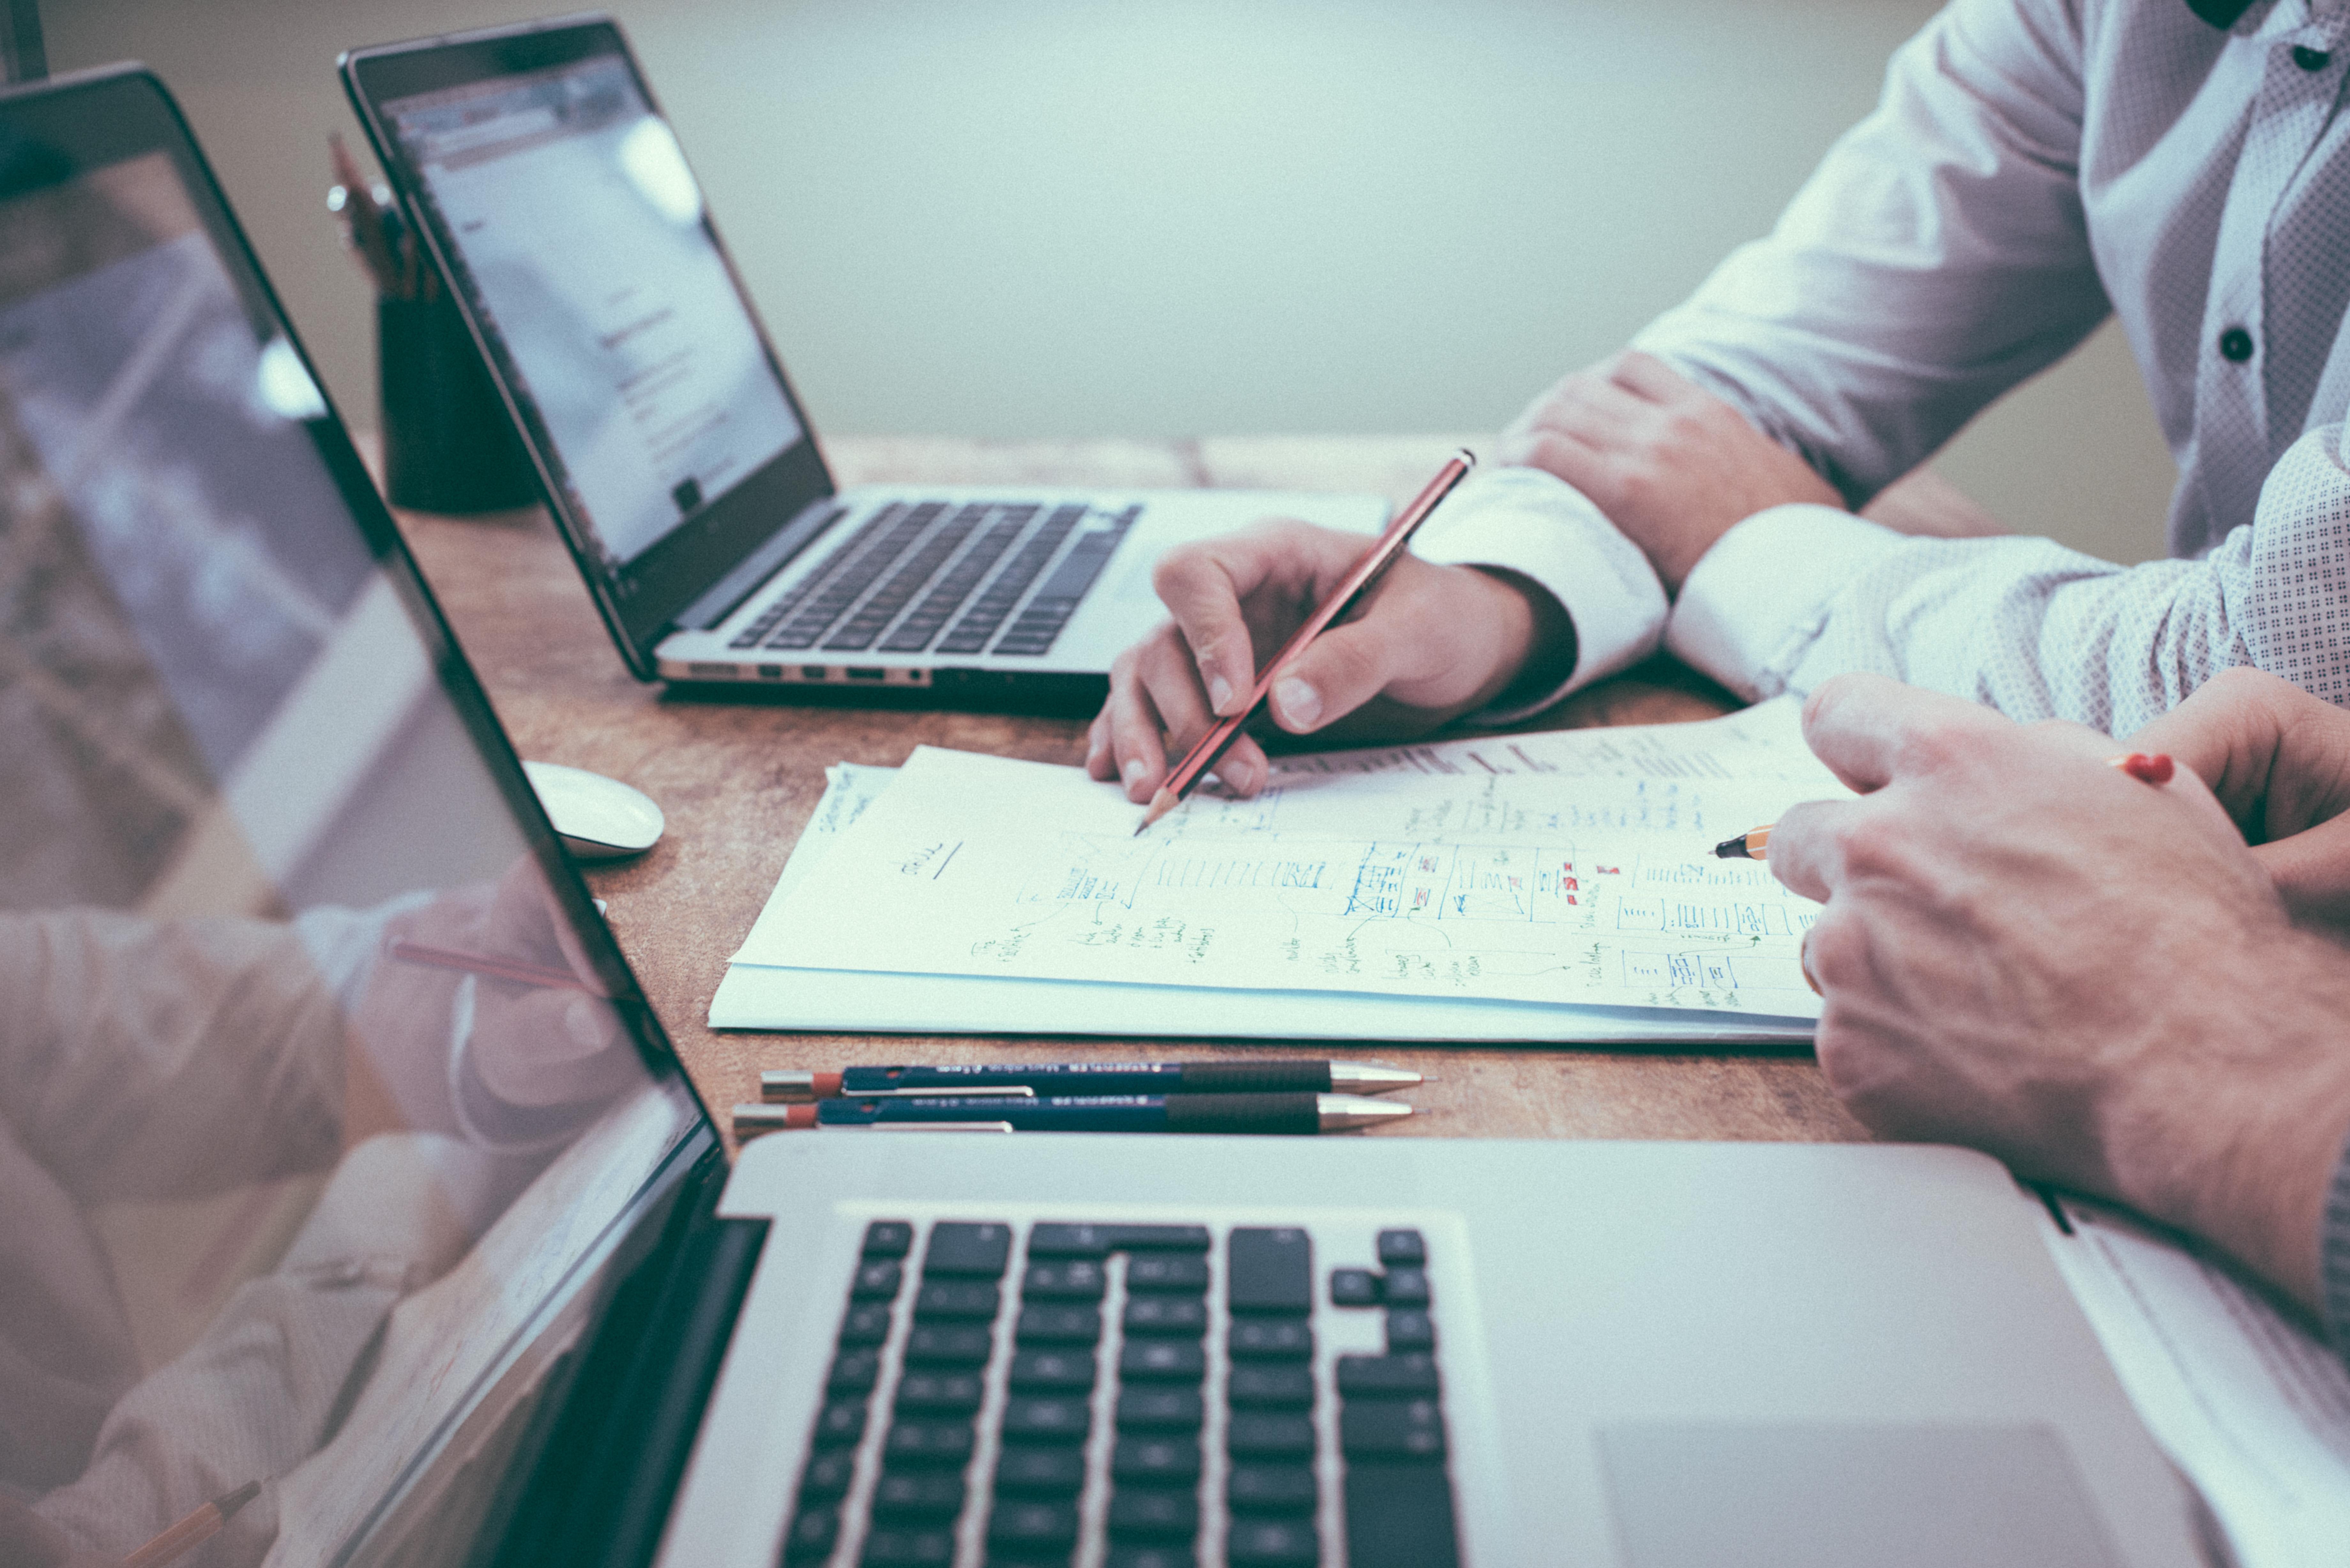 Vendarketing - Como o Inbound pode integrar os setores de Vendas e Marketing